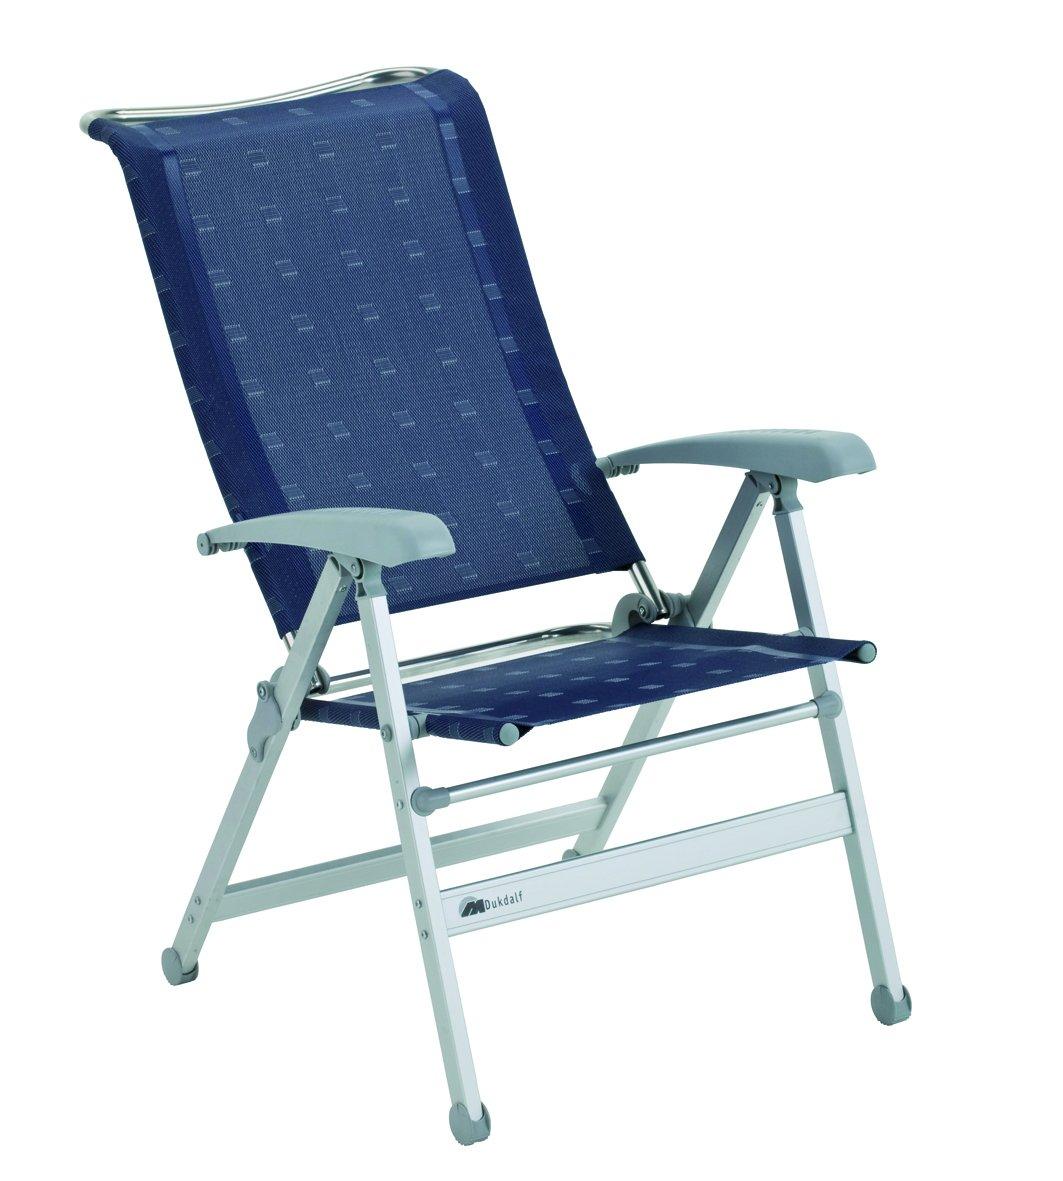 Dukdalf Lounge Chair.Dukdalf Camping Chair Cha Cha Blue Folding Chair